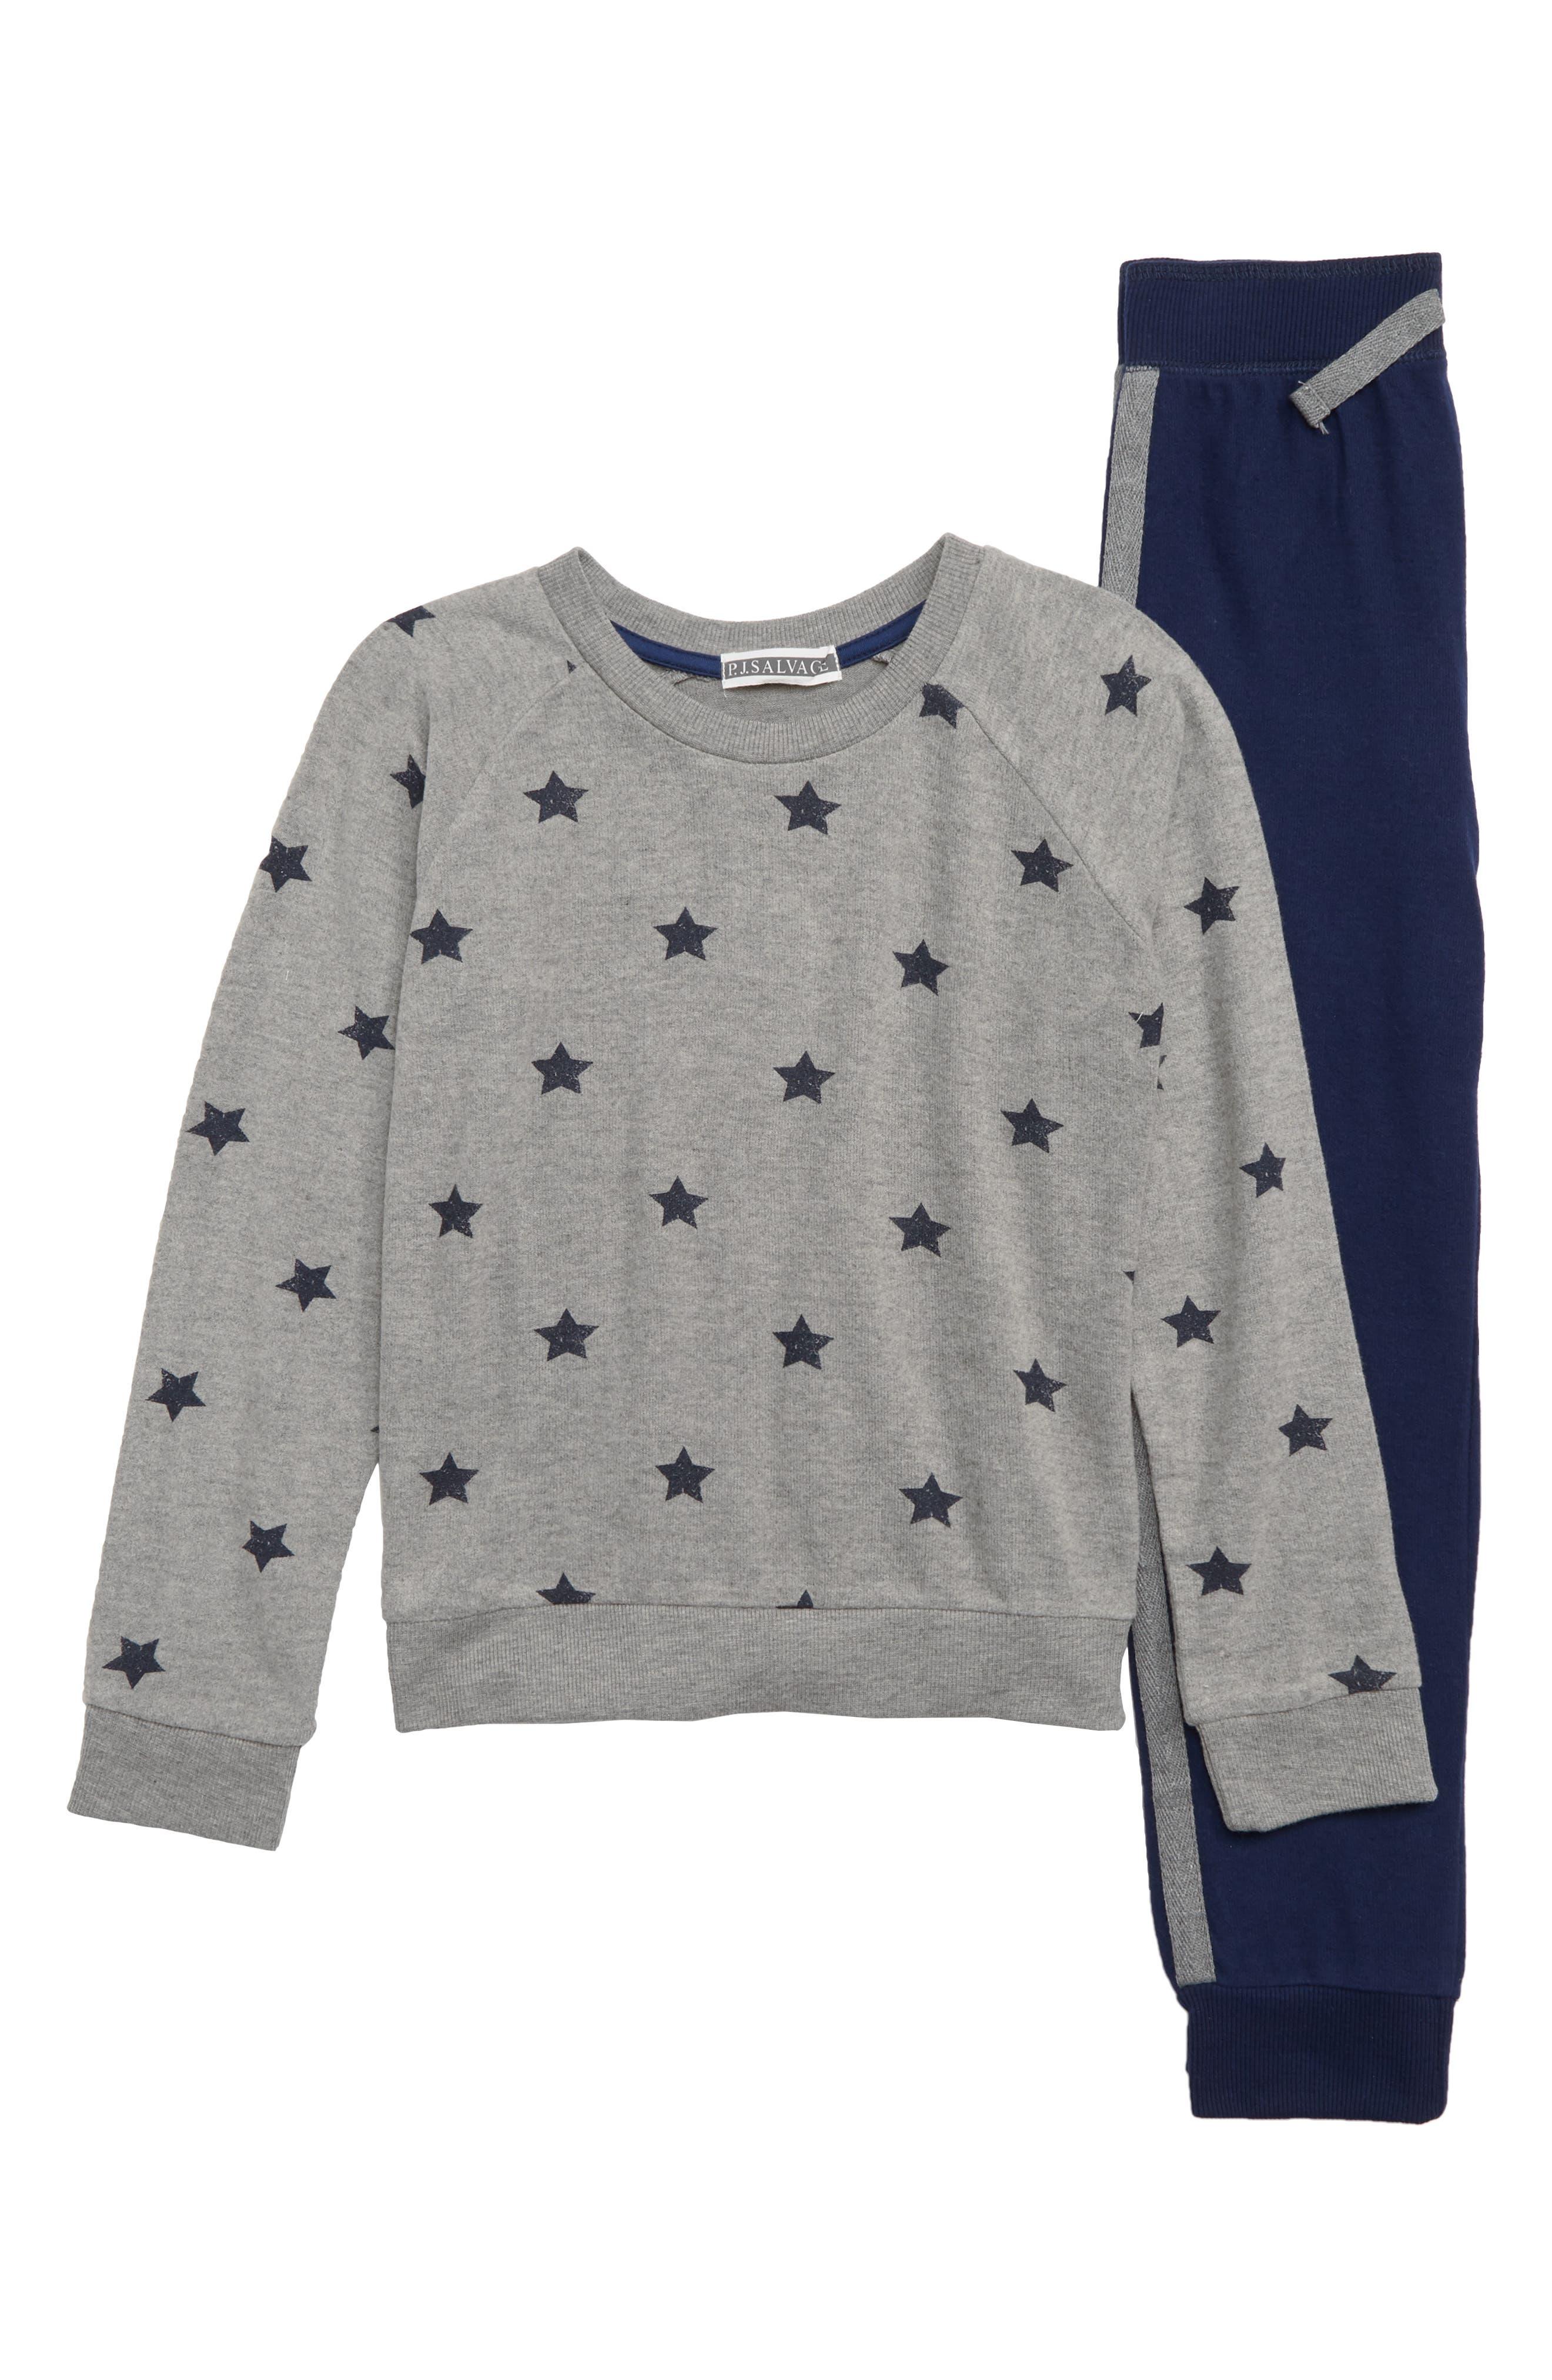 Boys Pj Salvage Super Star TwoPiece Pajamas